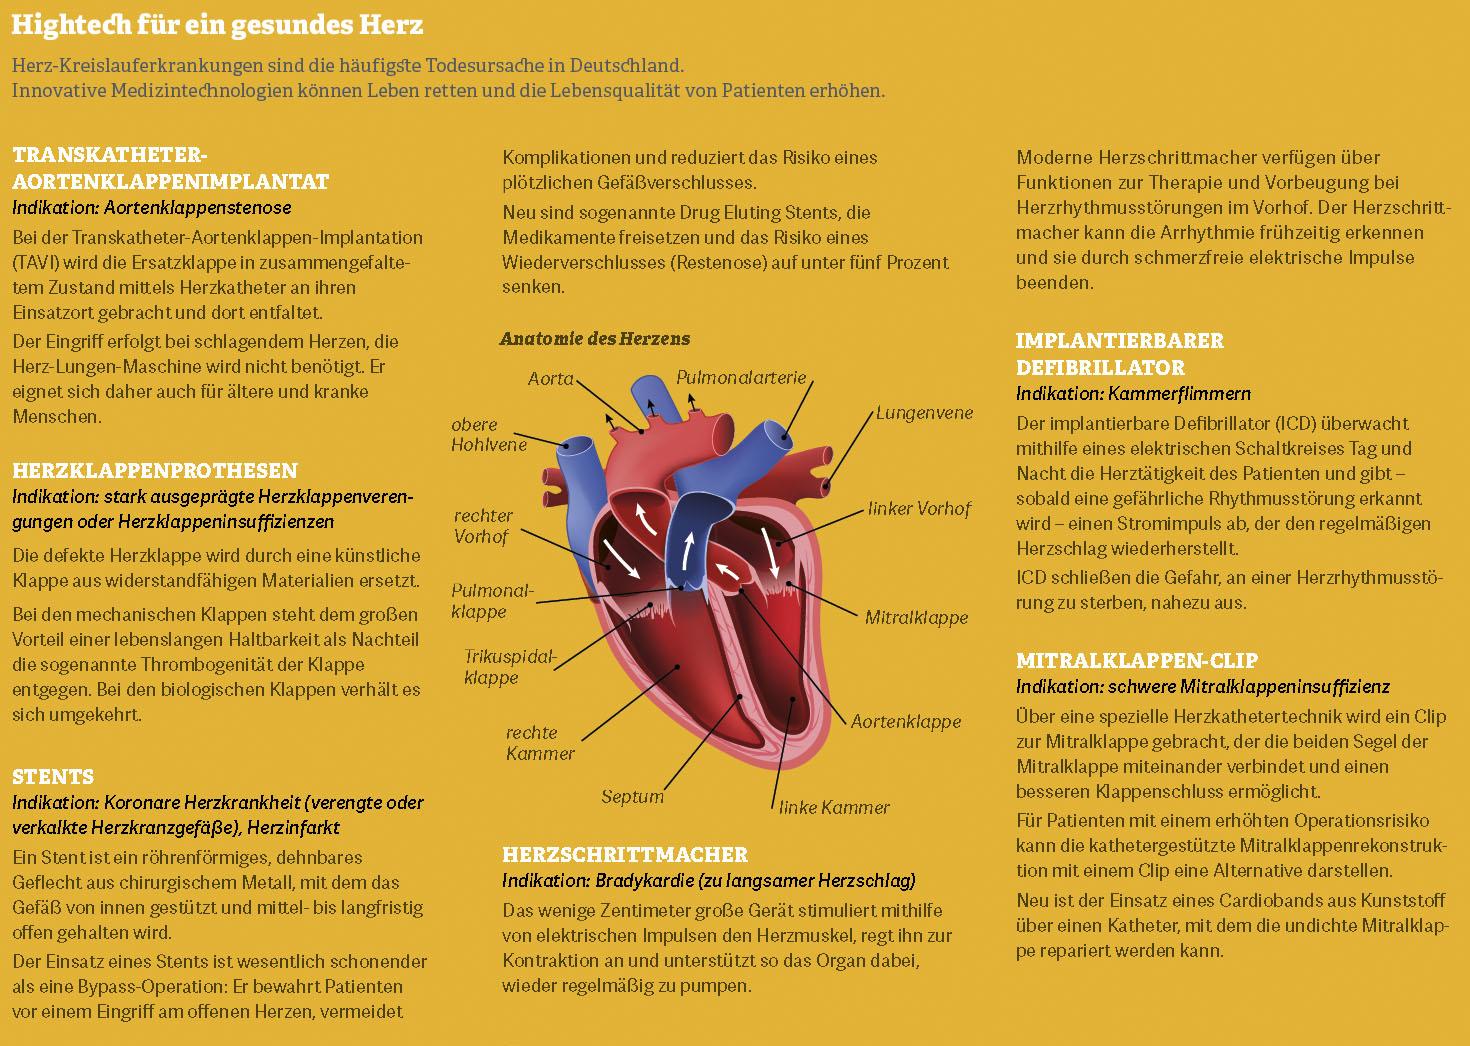 Grafik: Hightech für ein gesundes Herz - innovative Medizintechnologien können Leben retten.